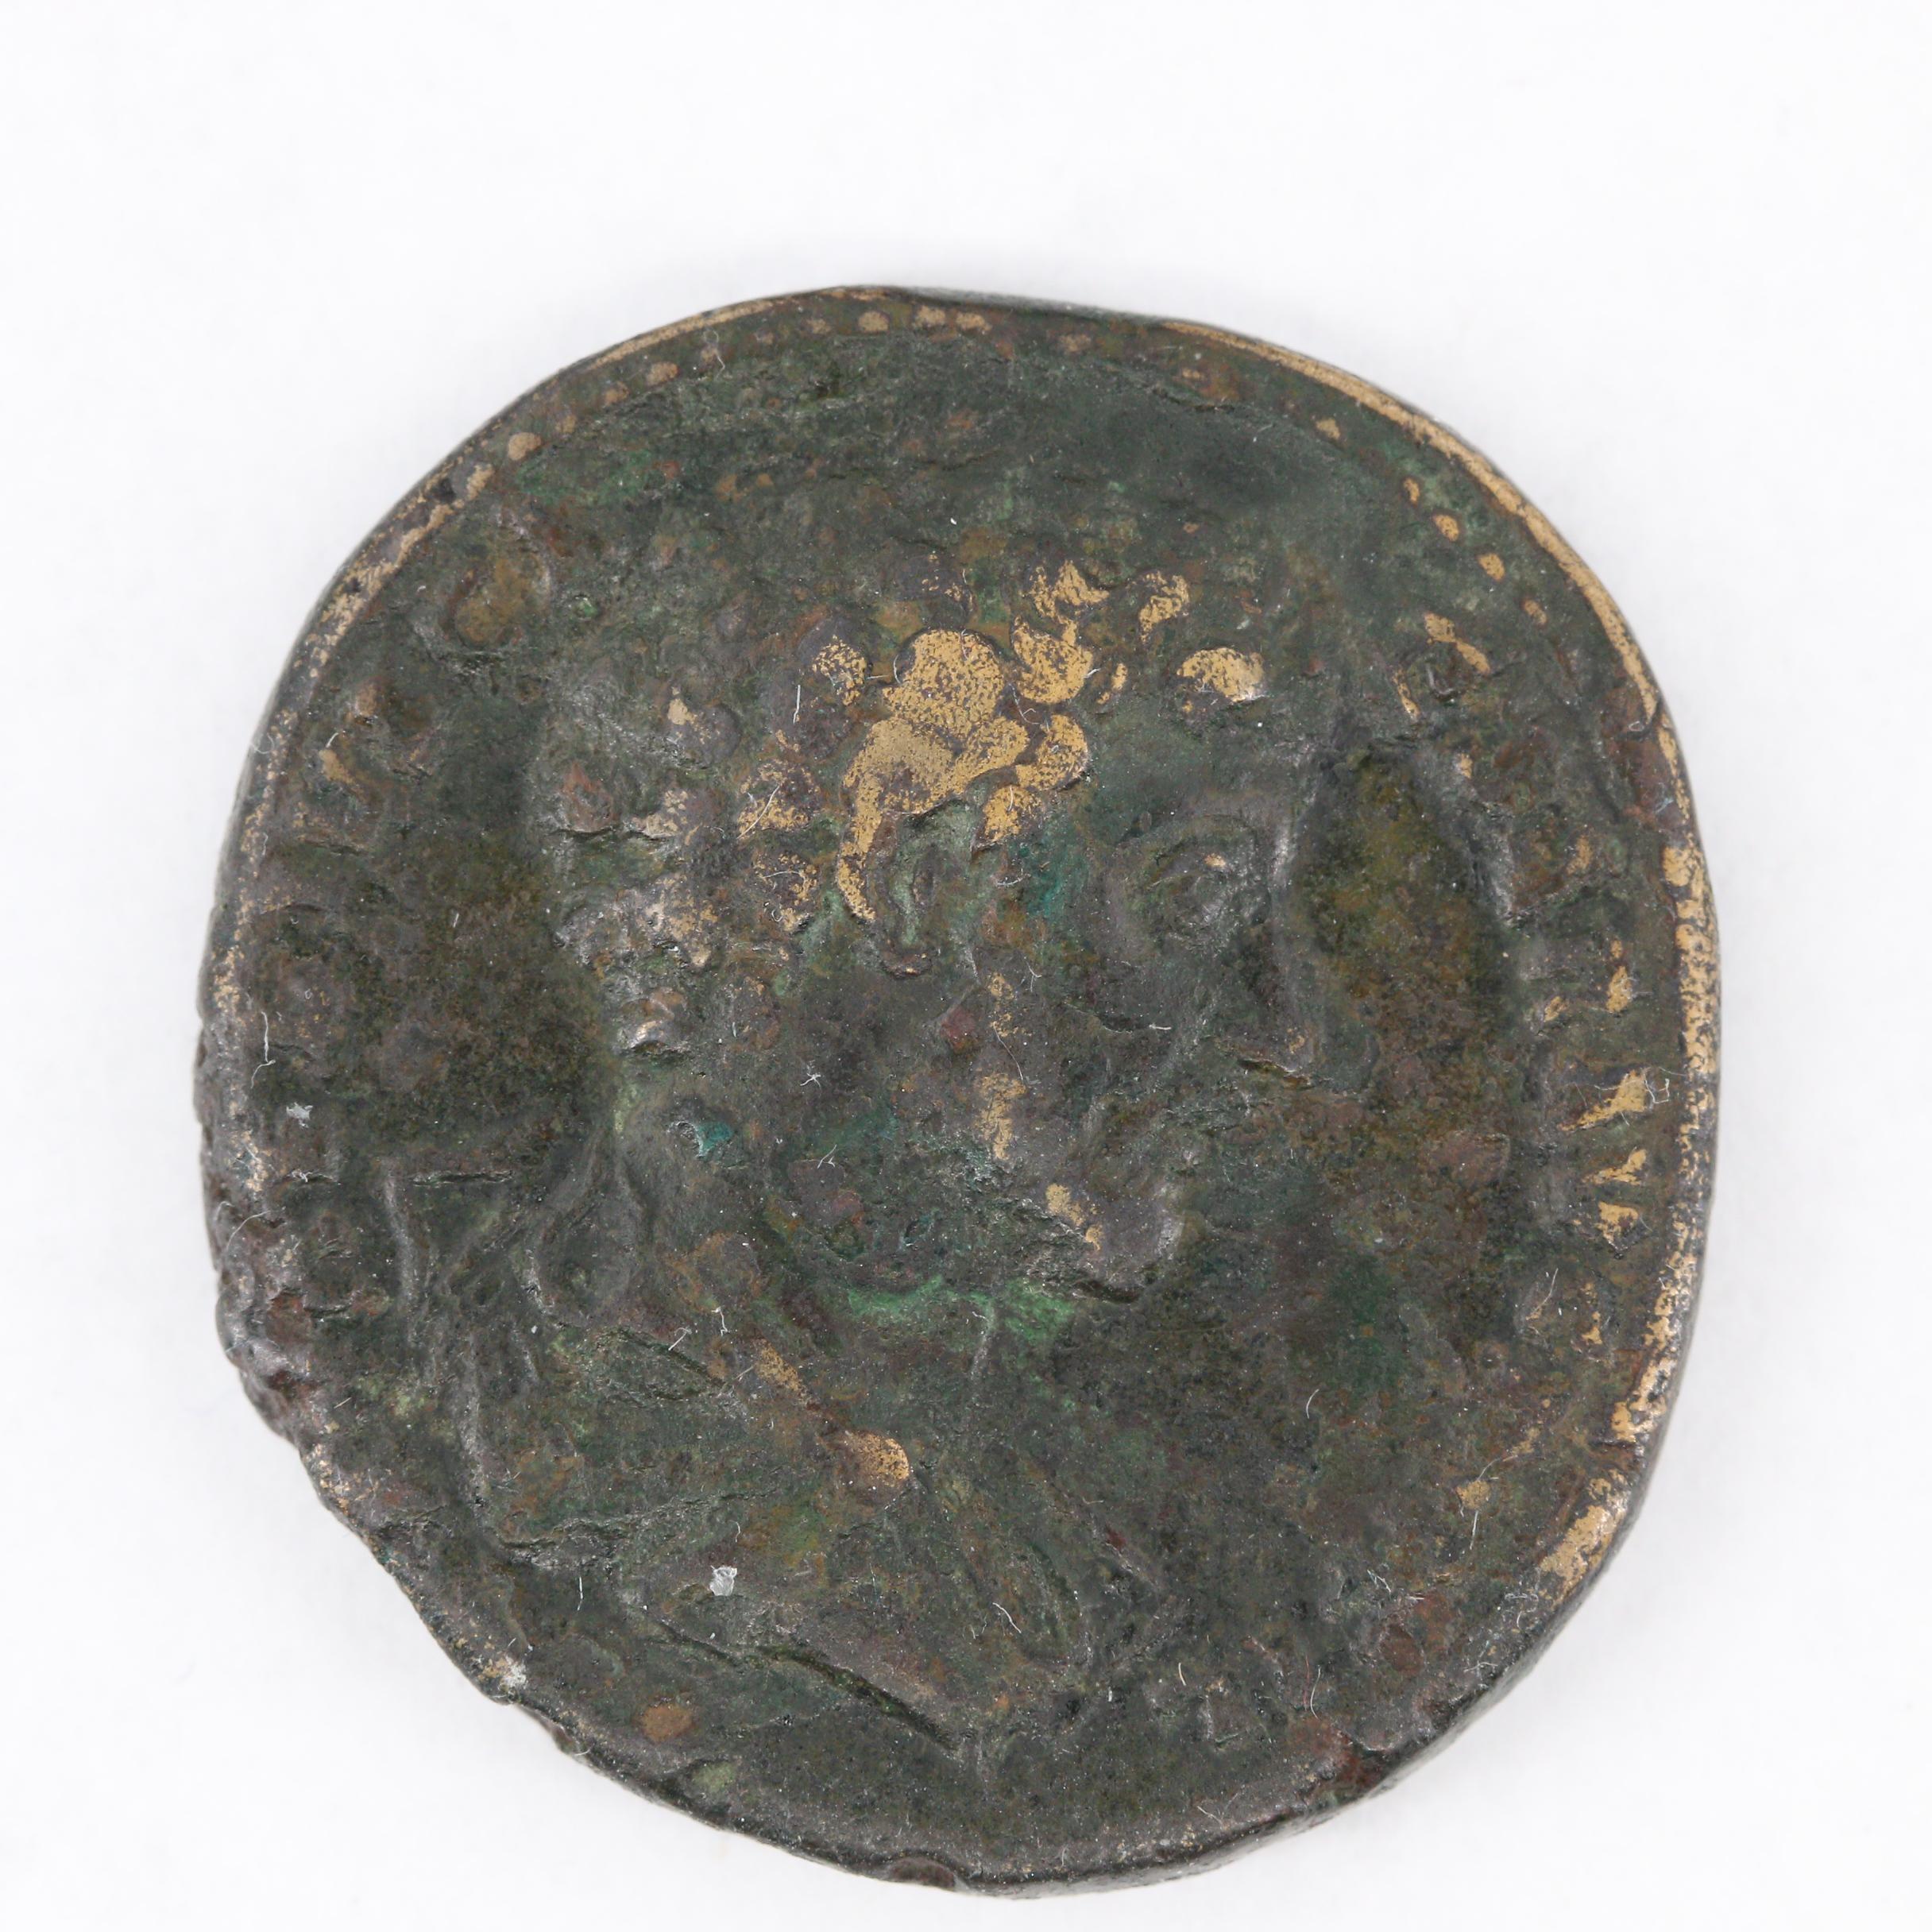 Ancient Roman Imperial Marcus Aurelius AE Sestertius Coin, Ca. 161 A.D.